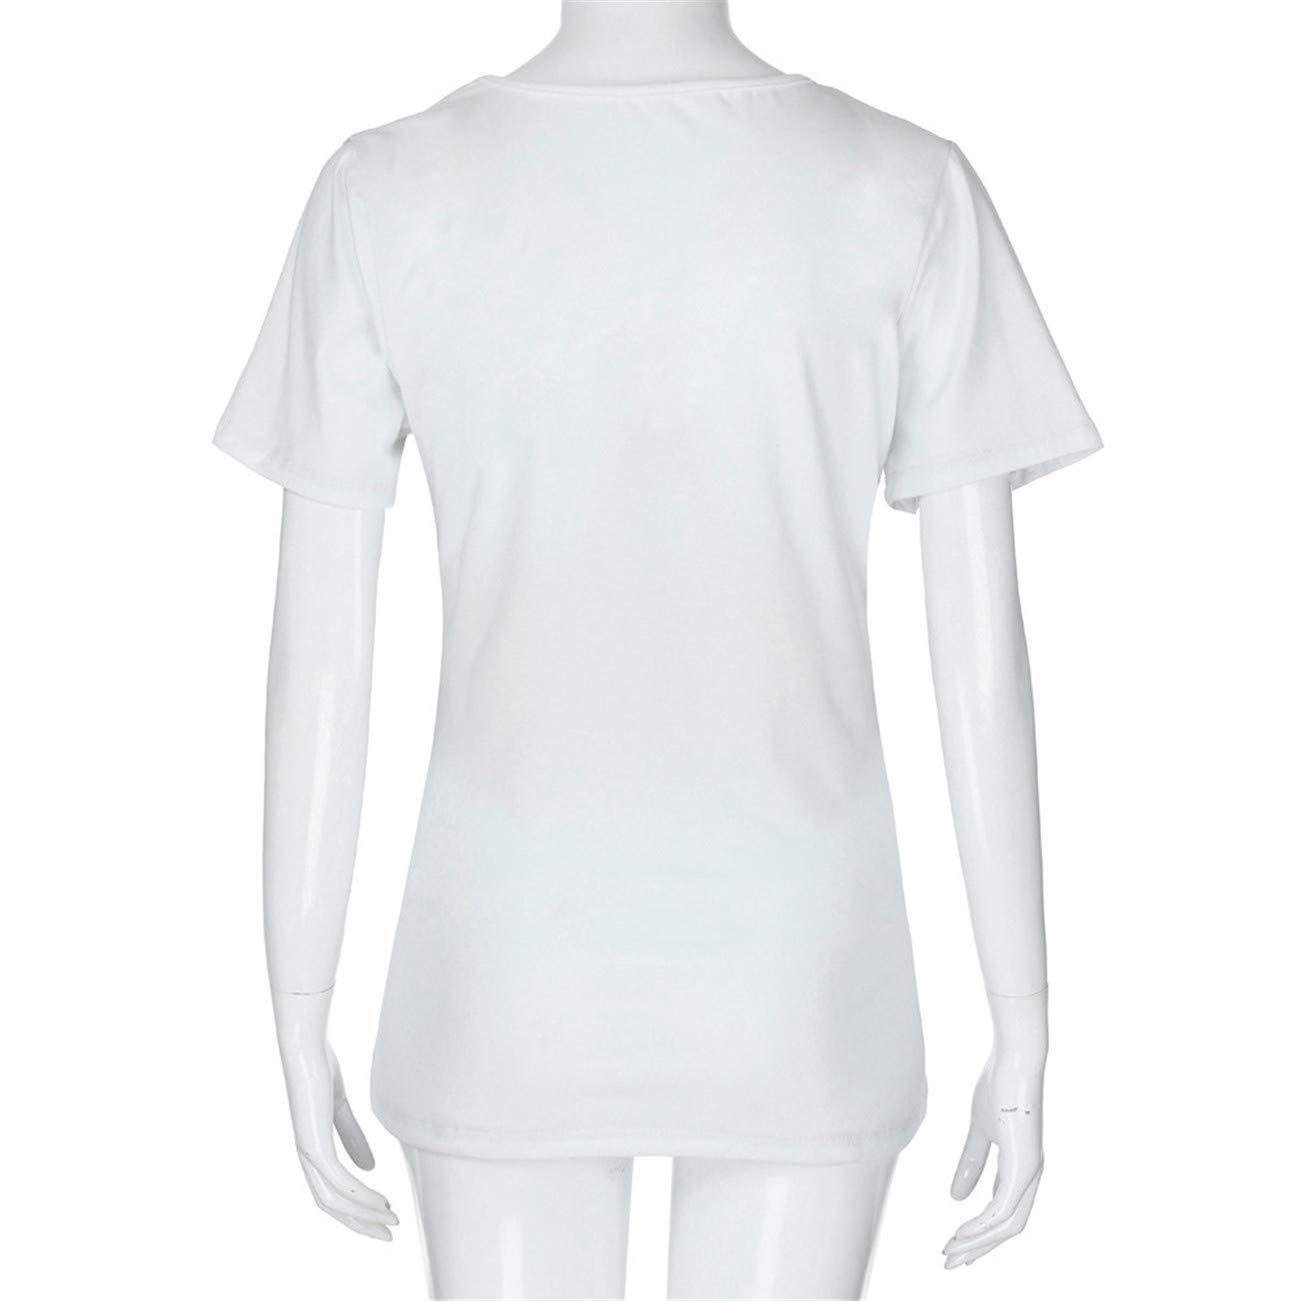 Premam/á Invierno Leggins Abrigos Baby Is Coming Pregnants Tops Blusa Estampada Carta Camisetas De Manga Corta